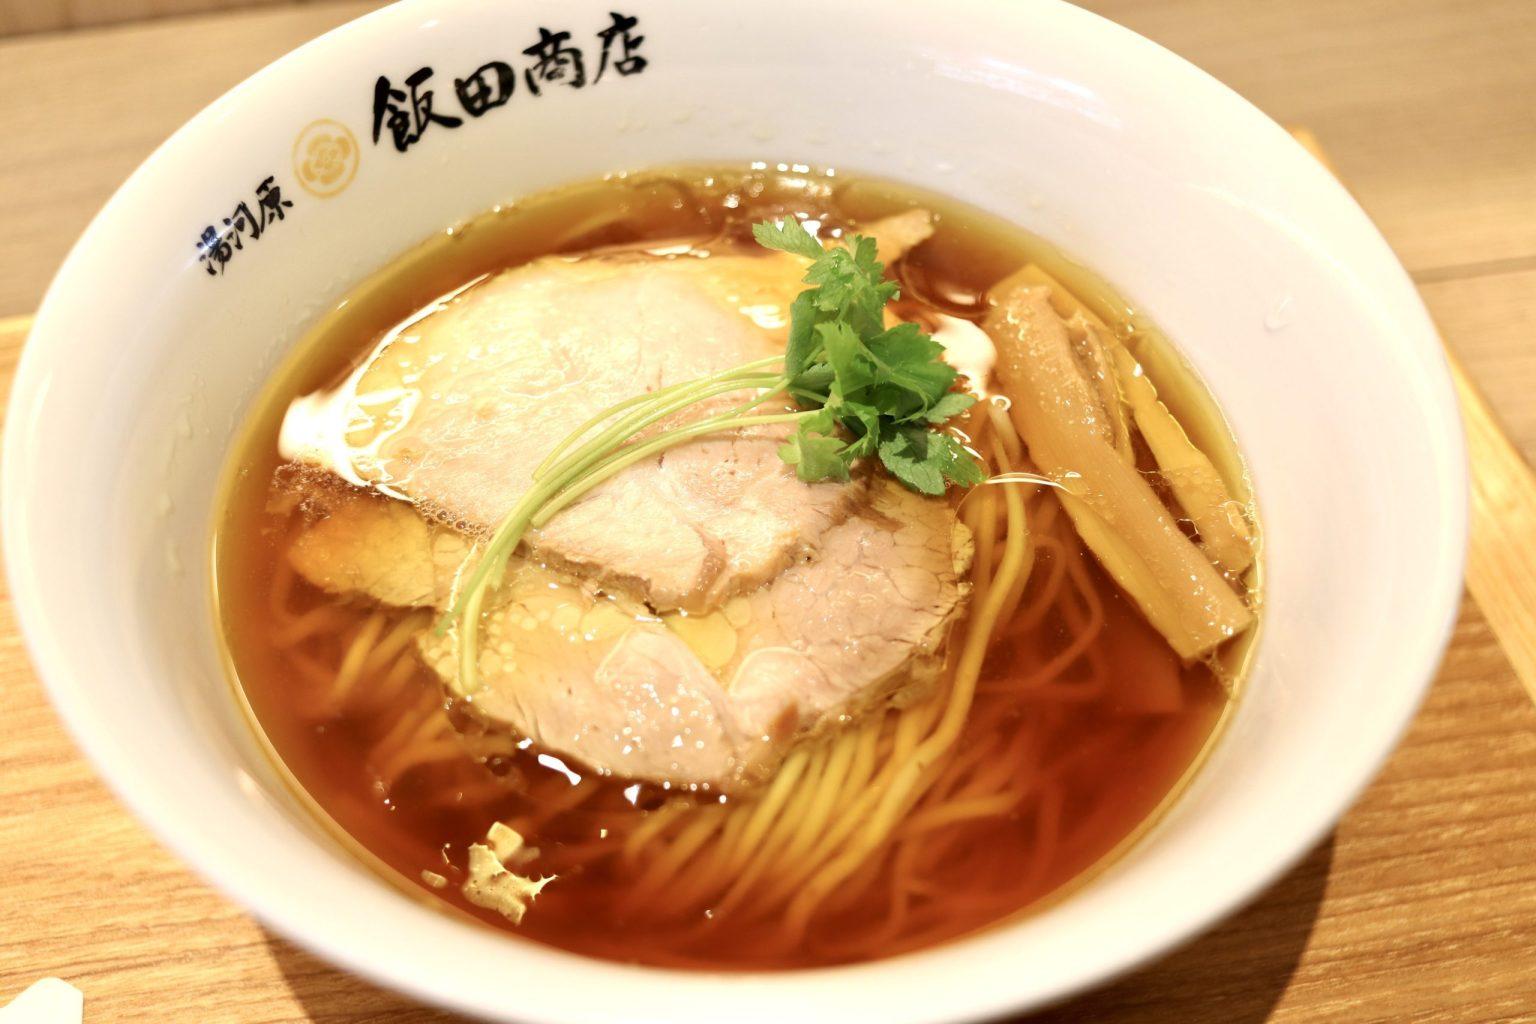 อาหารท้องถิ่นในเมืองยุกาวาระ จังหวัดคานางาวะ - Yugawara Ramen